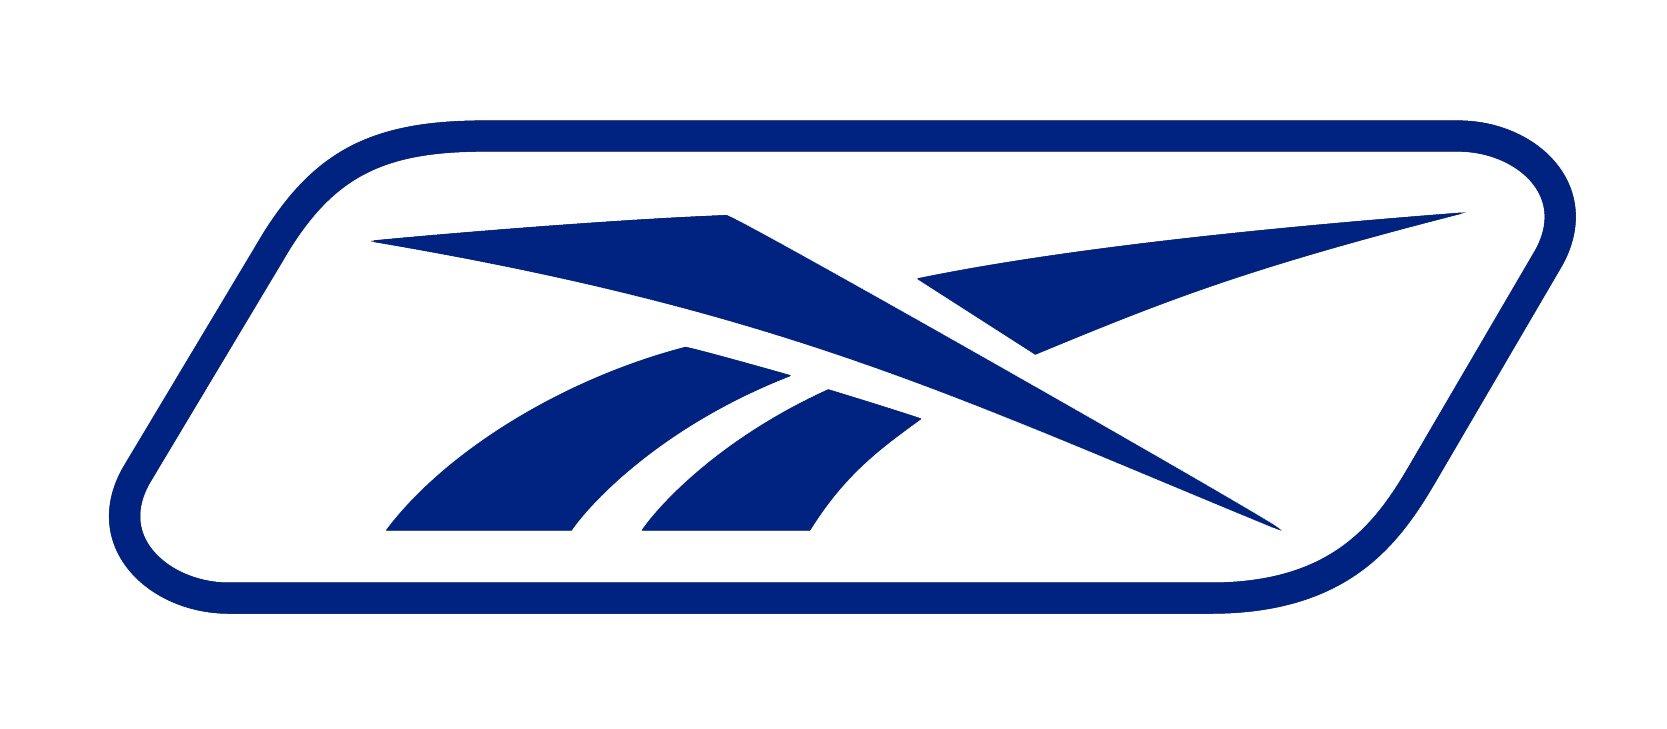 Reebok Logos... Reebok Logo Meaning